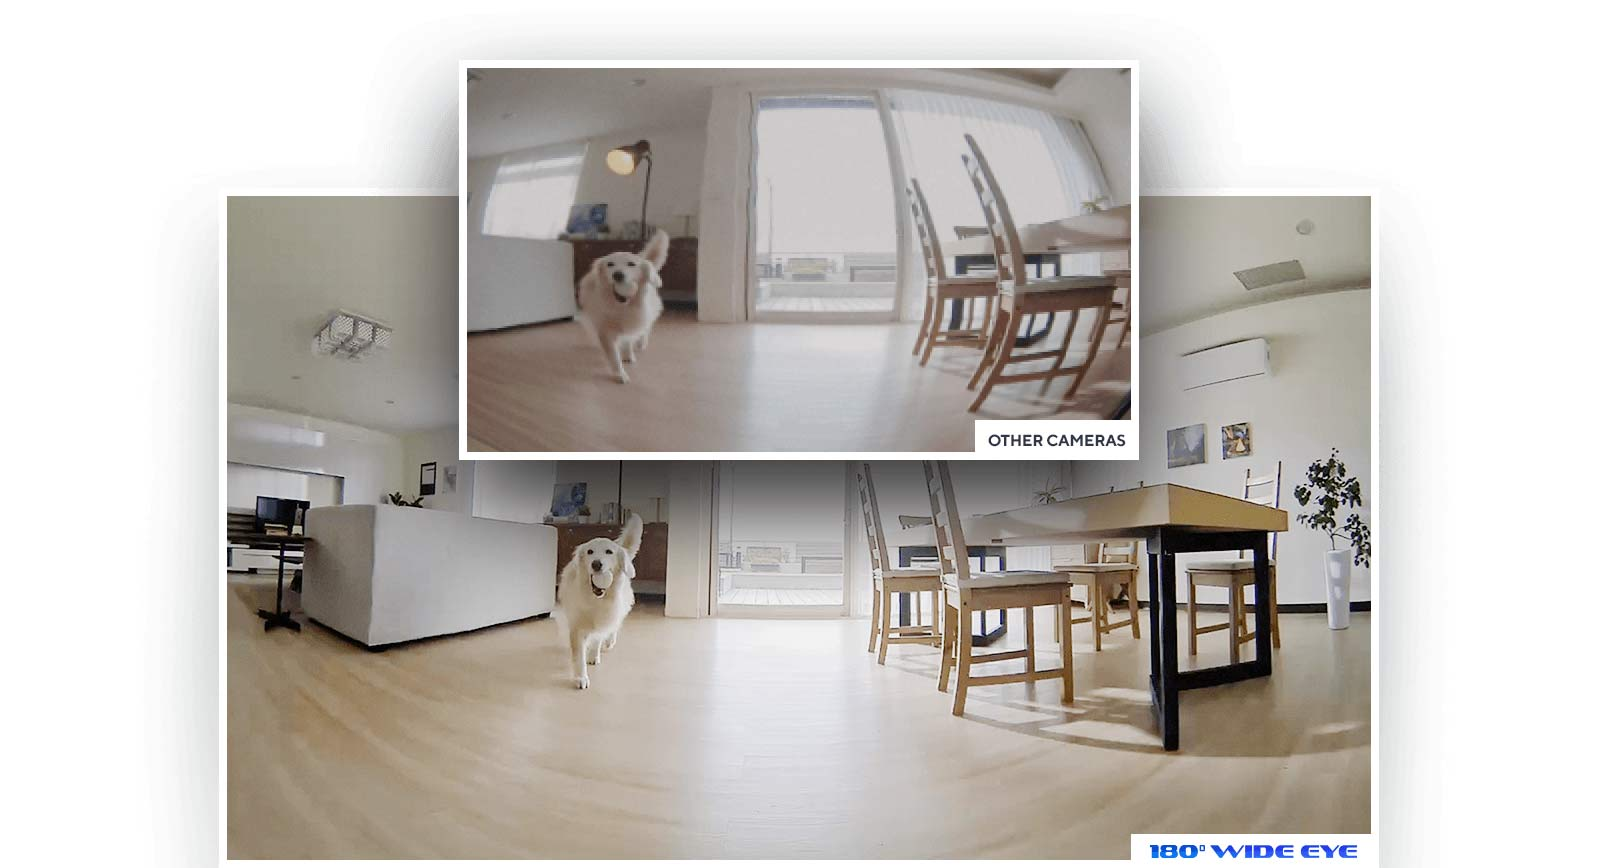 دوربین ۱۸۰ درجه HD Omna دی لینک مخصوص دستگاه های اپل مدل DSH-C310